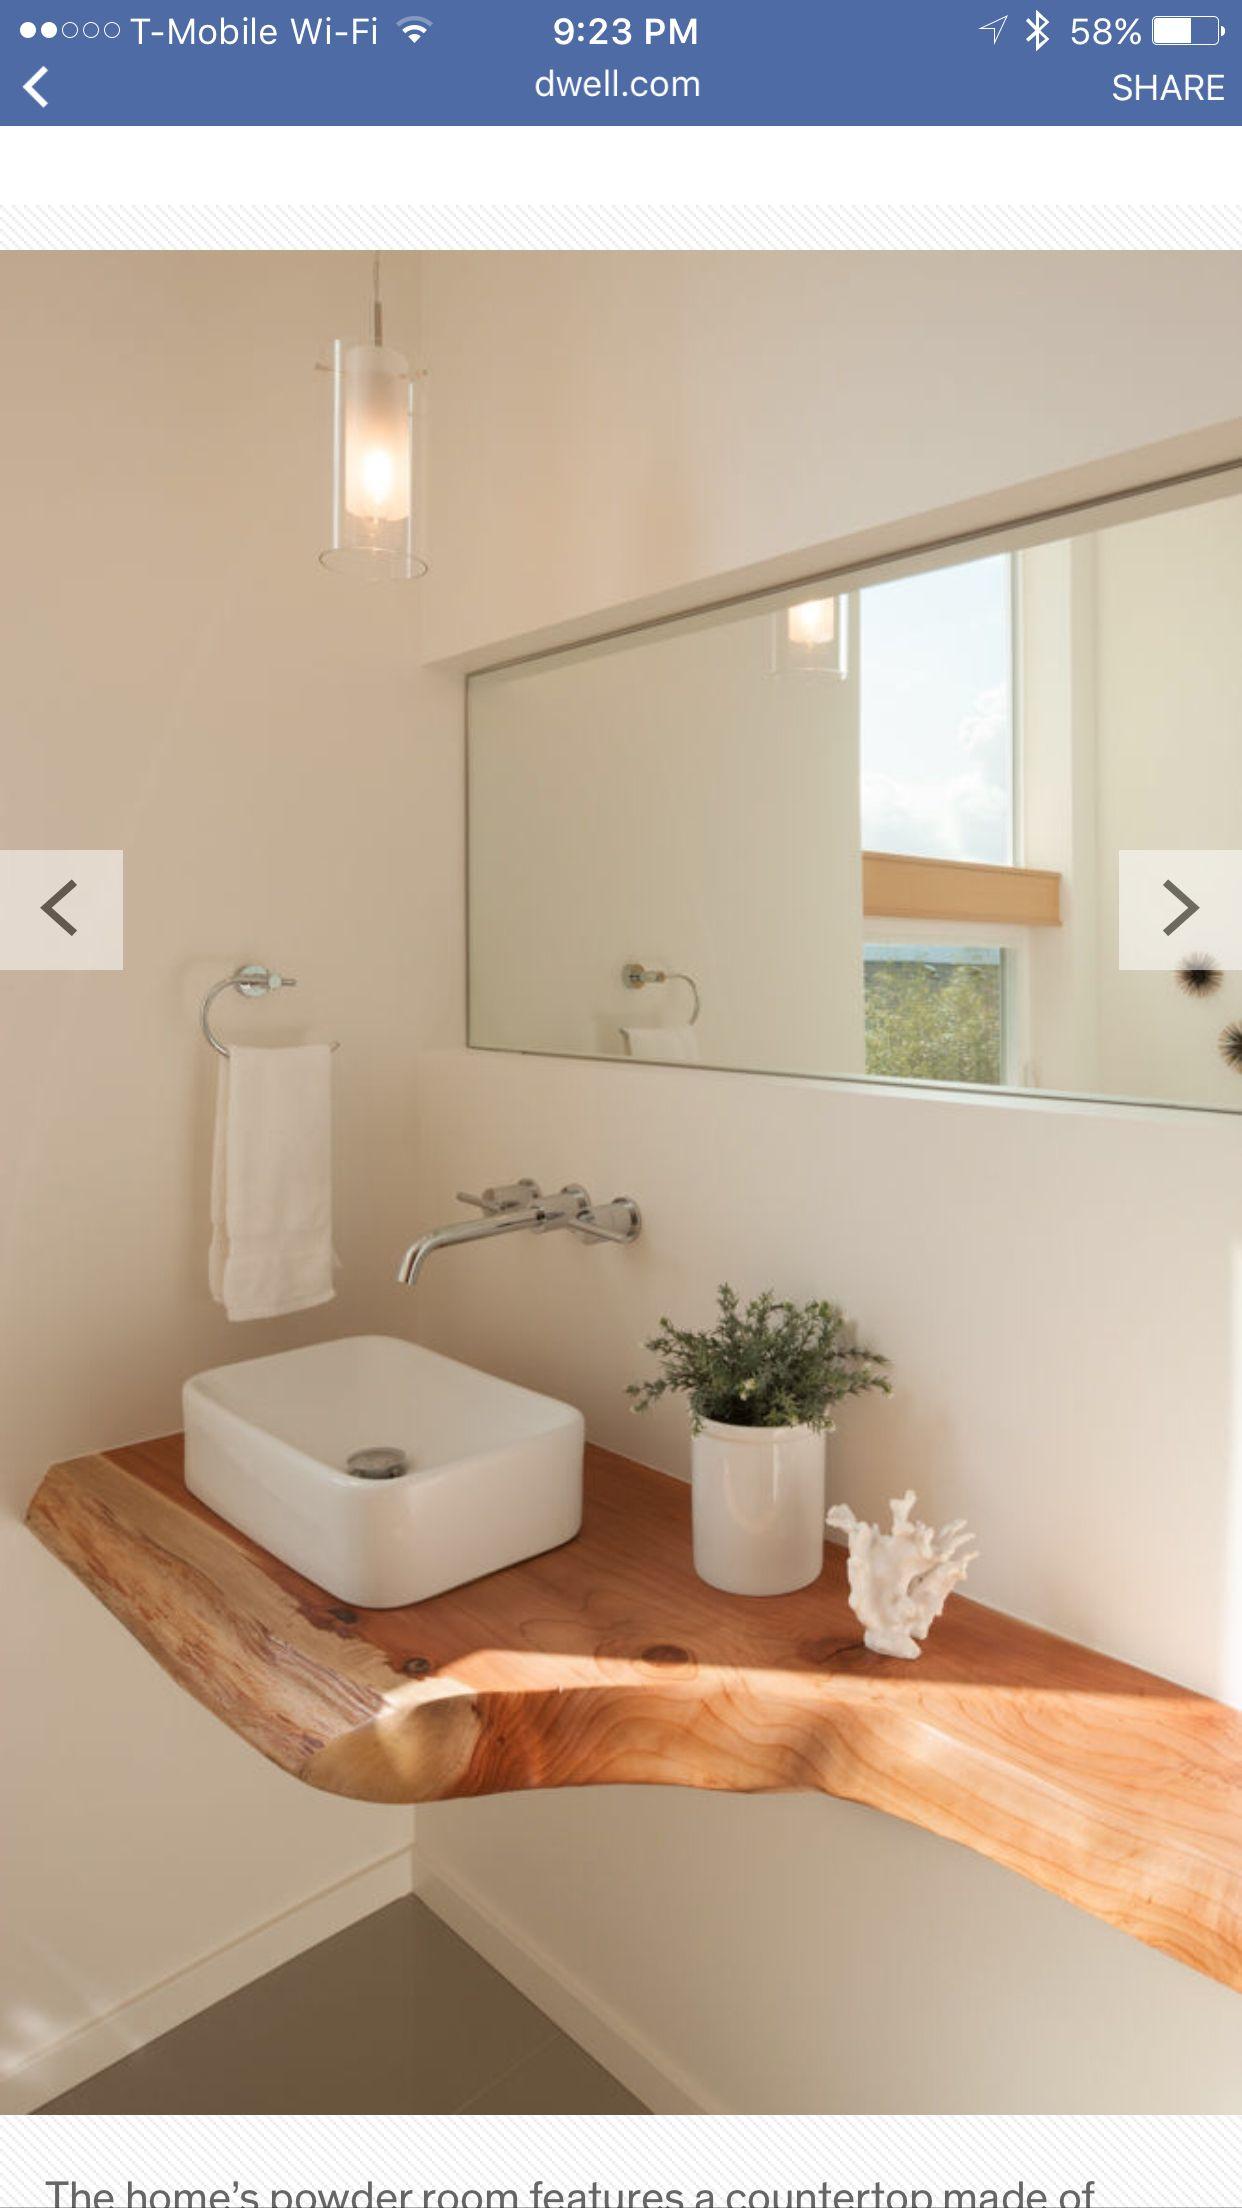 Vanity Studio Shed Ideas Pinterest Vanities - Studio shed with bathroom for bathroom decor ideas